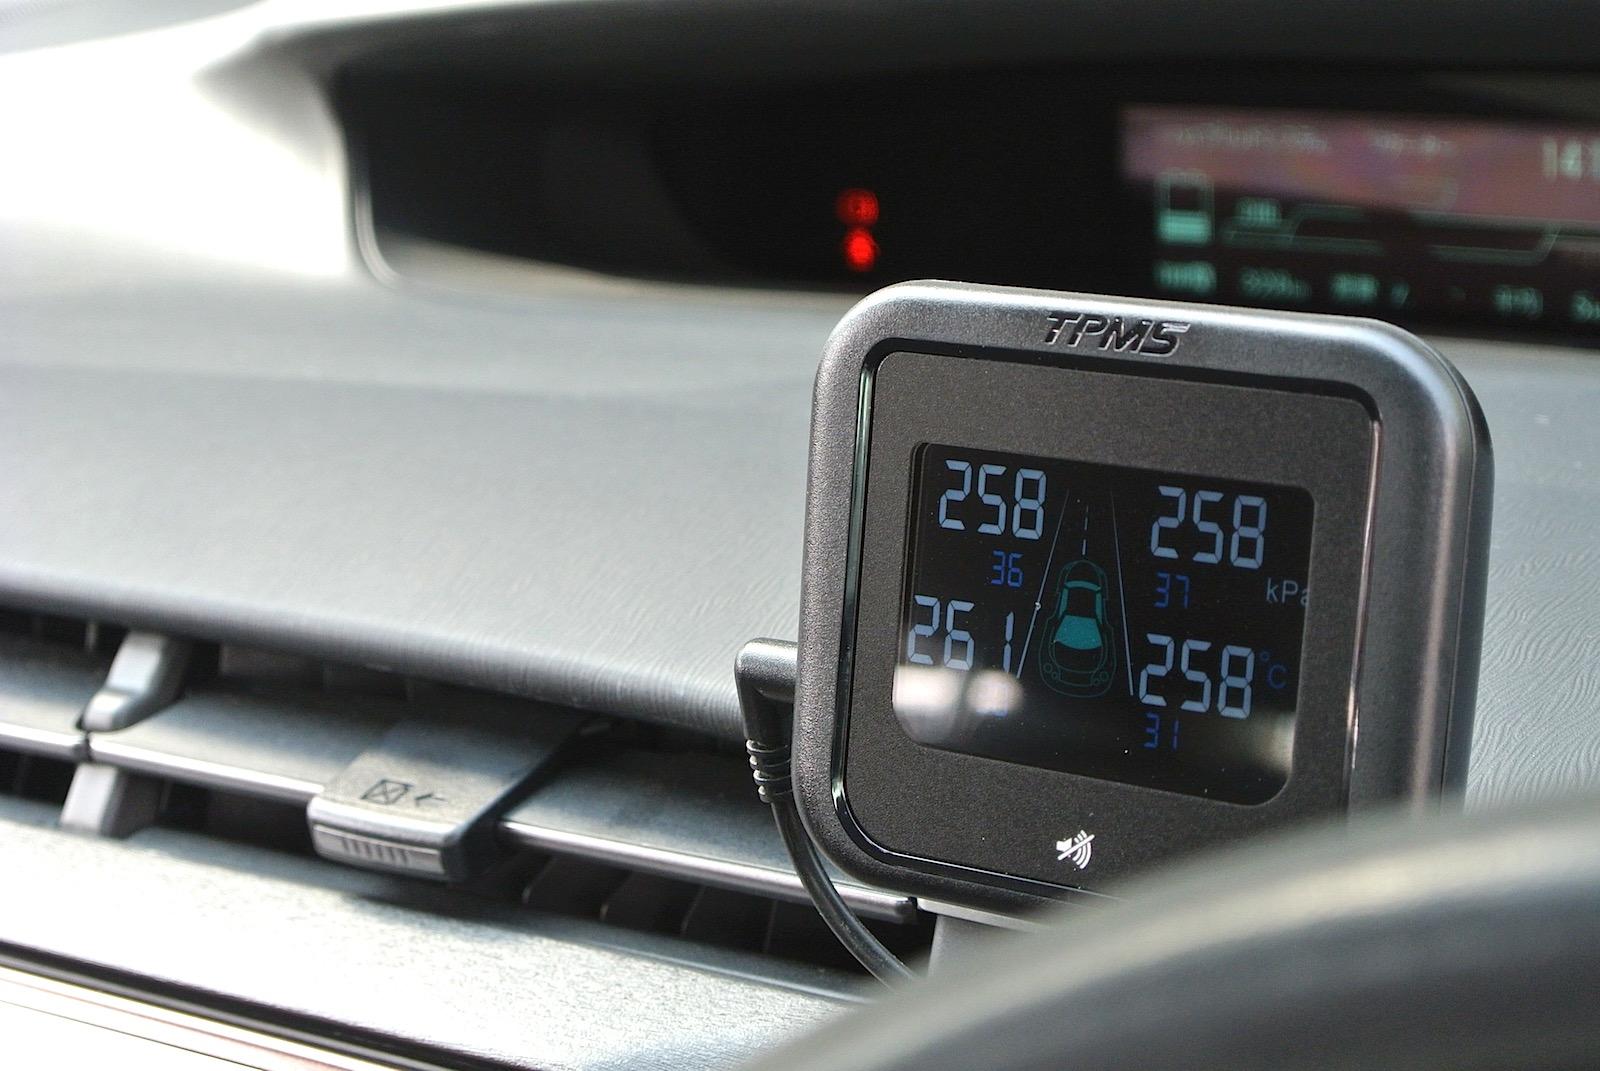 4月8日はタイヤの日! GWを安全に楽しく過ごすドライブグッズ4選